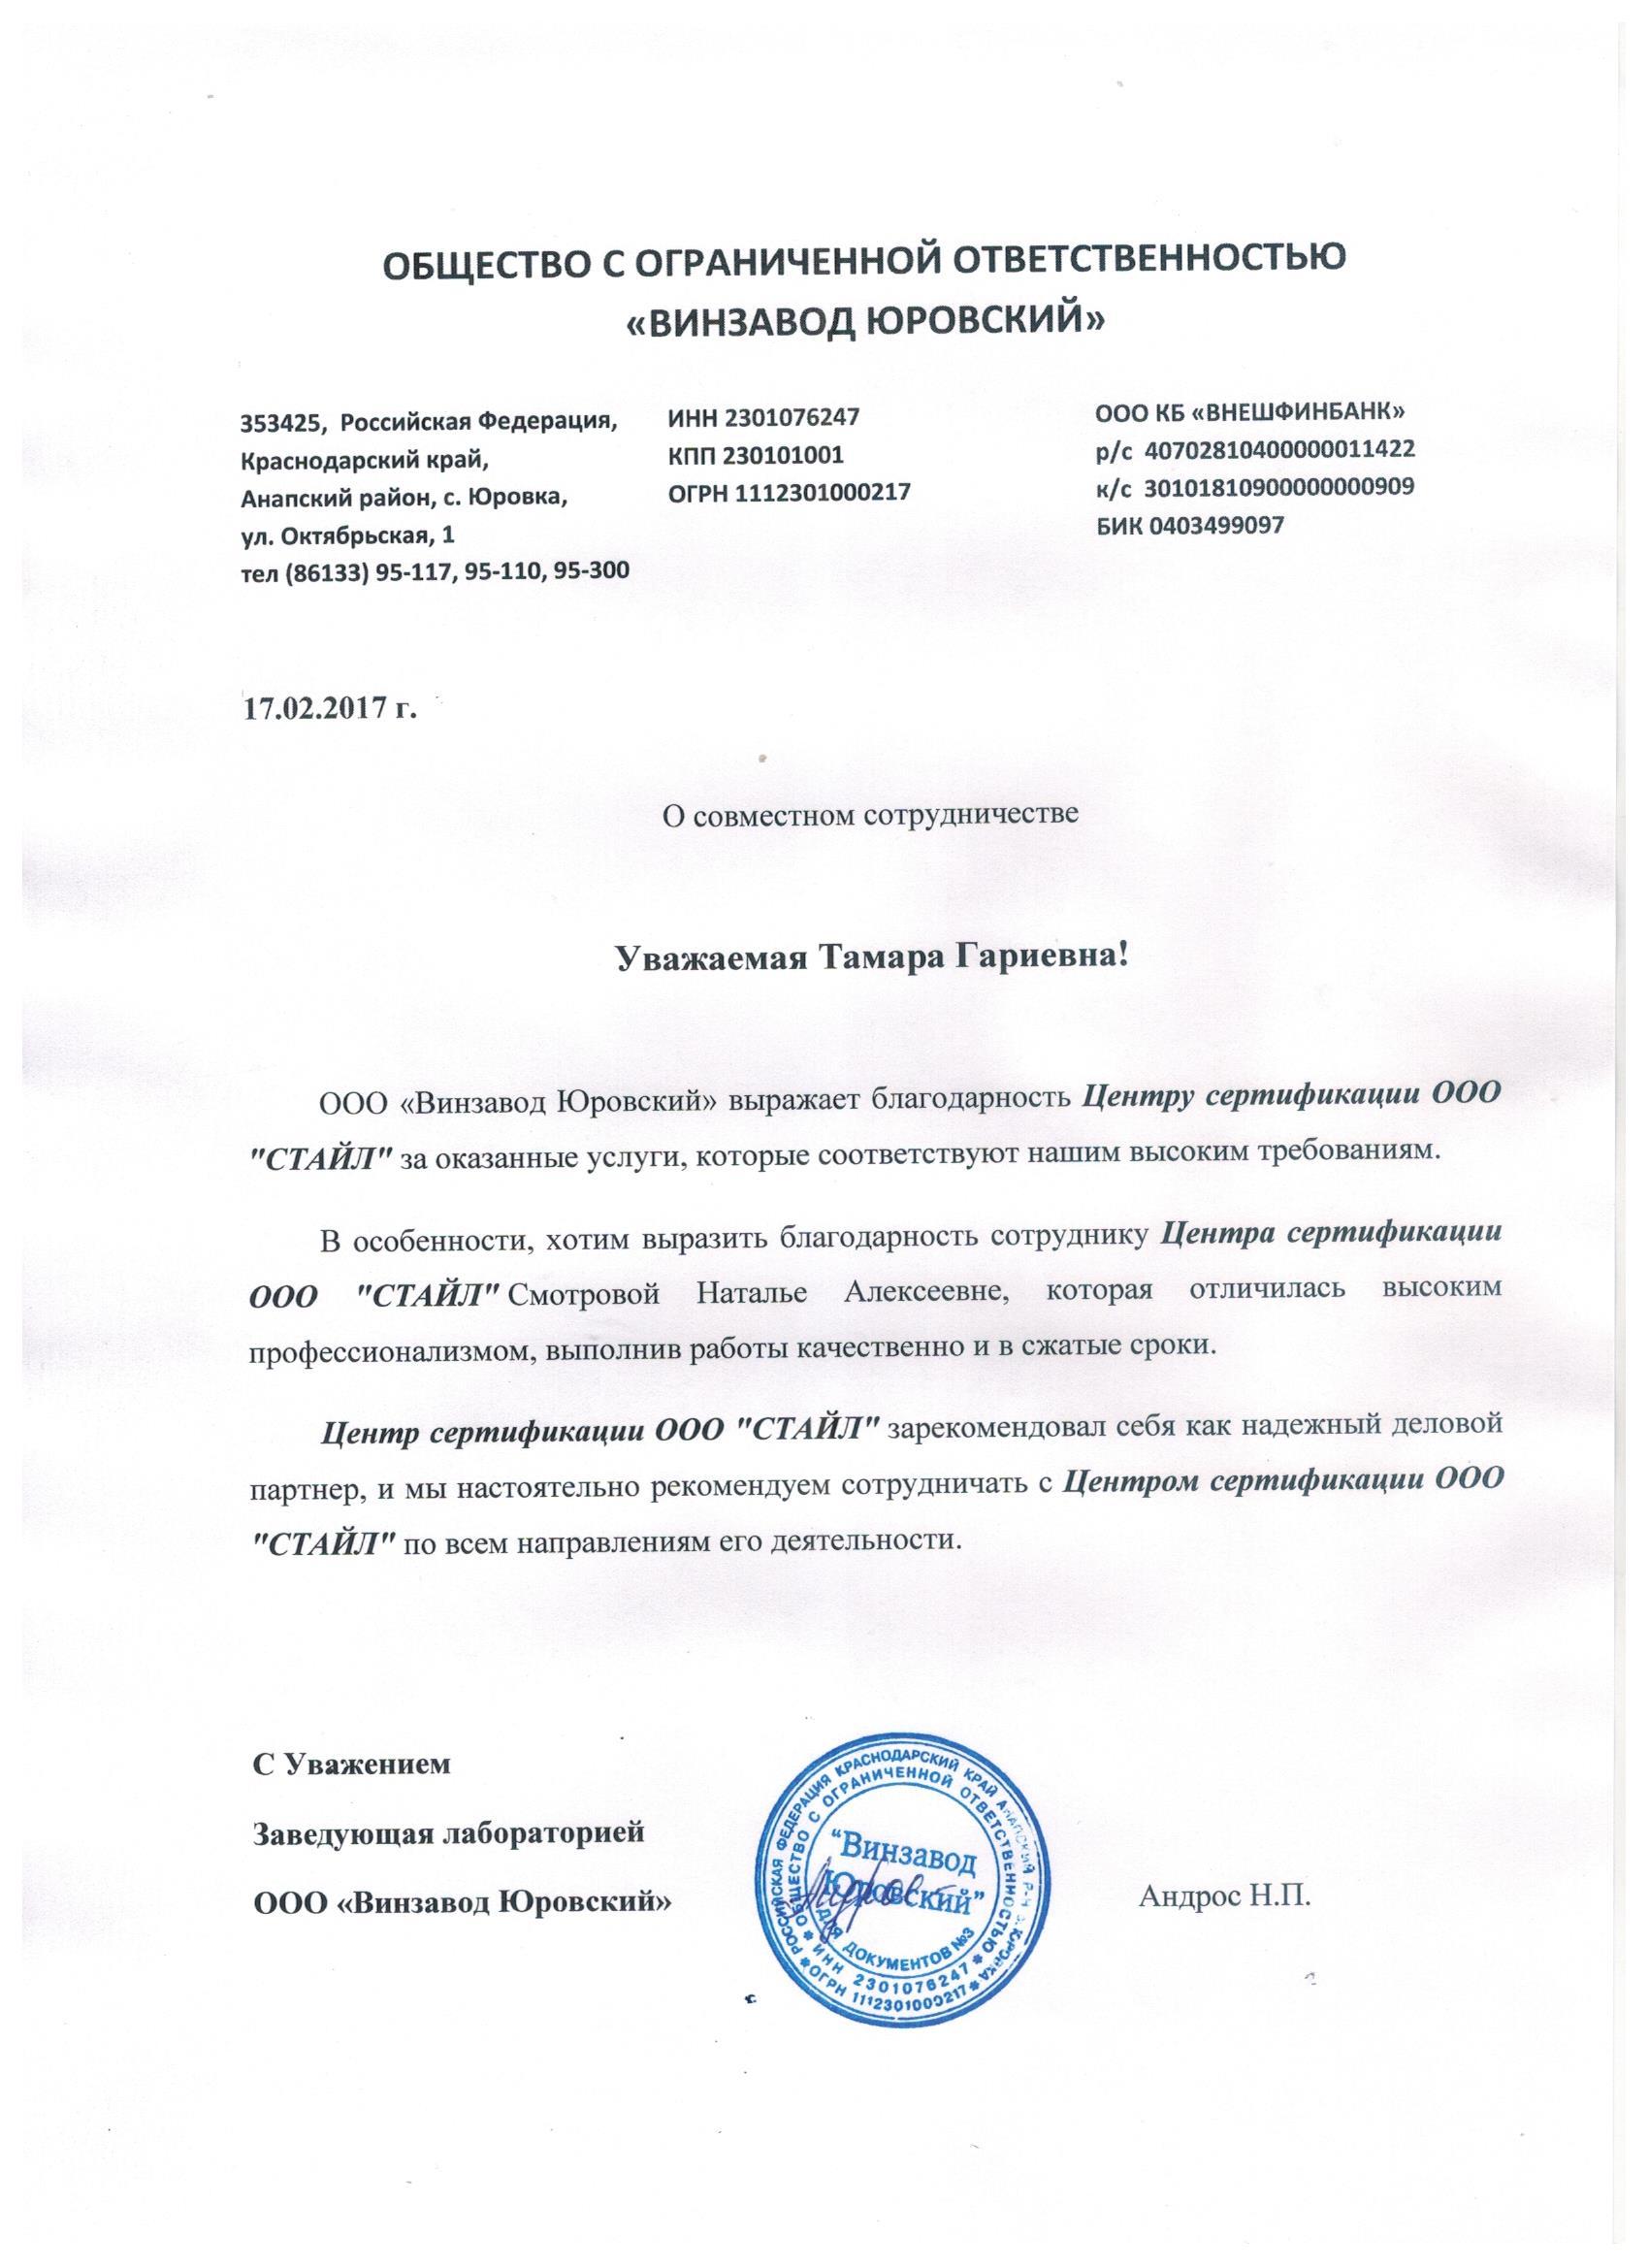 ООО Винзавод Юровский.